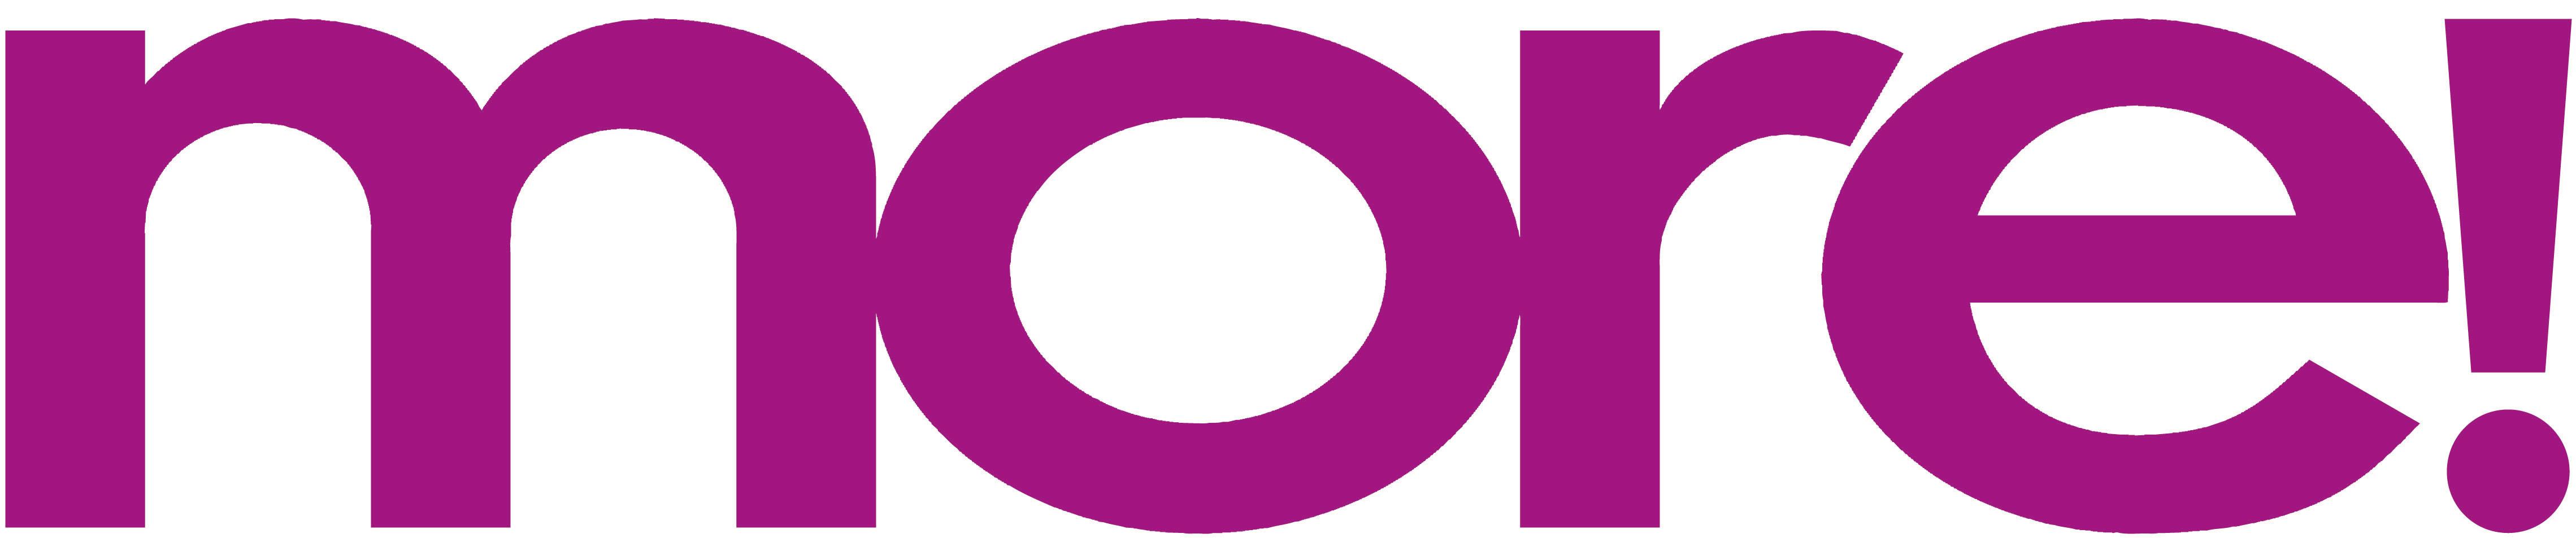 More 2008 logo shootfactory more 2008 logo altavistaventures Images